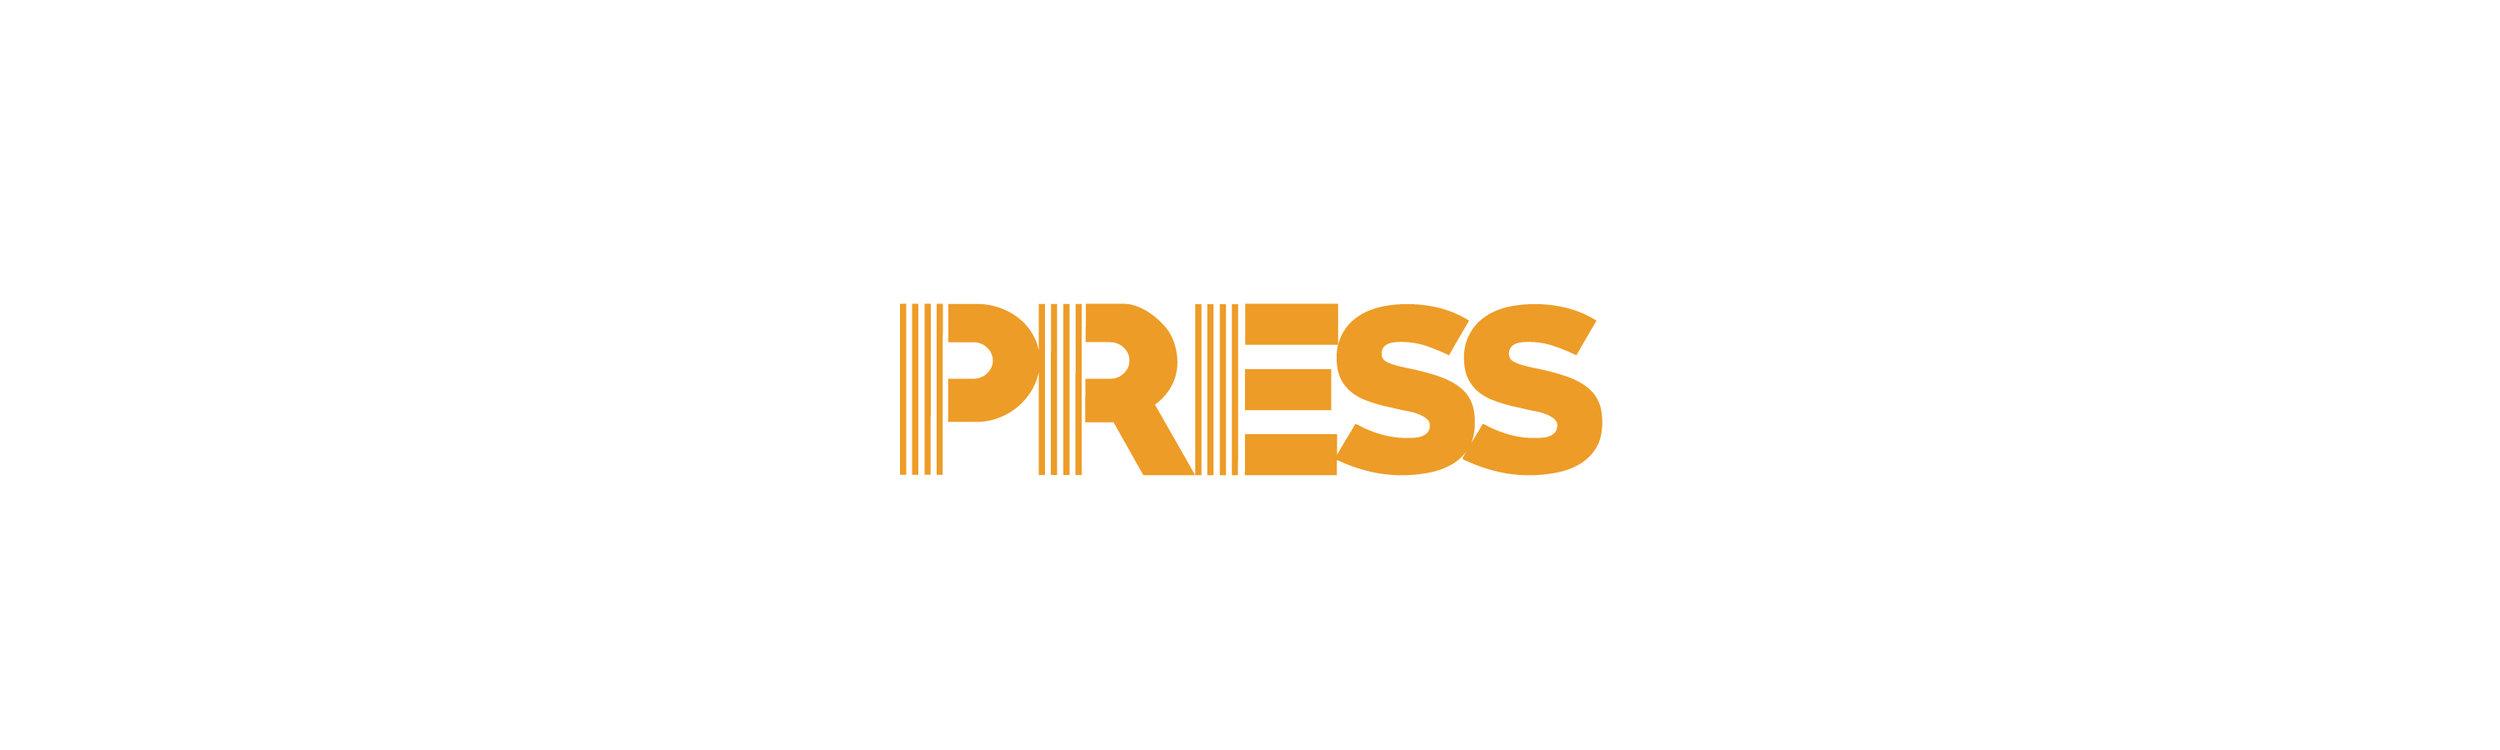 PressLogo2.jpg